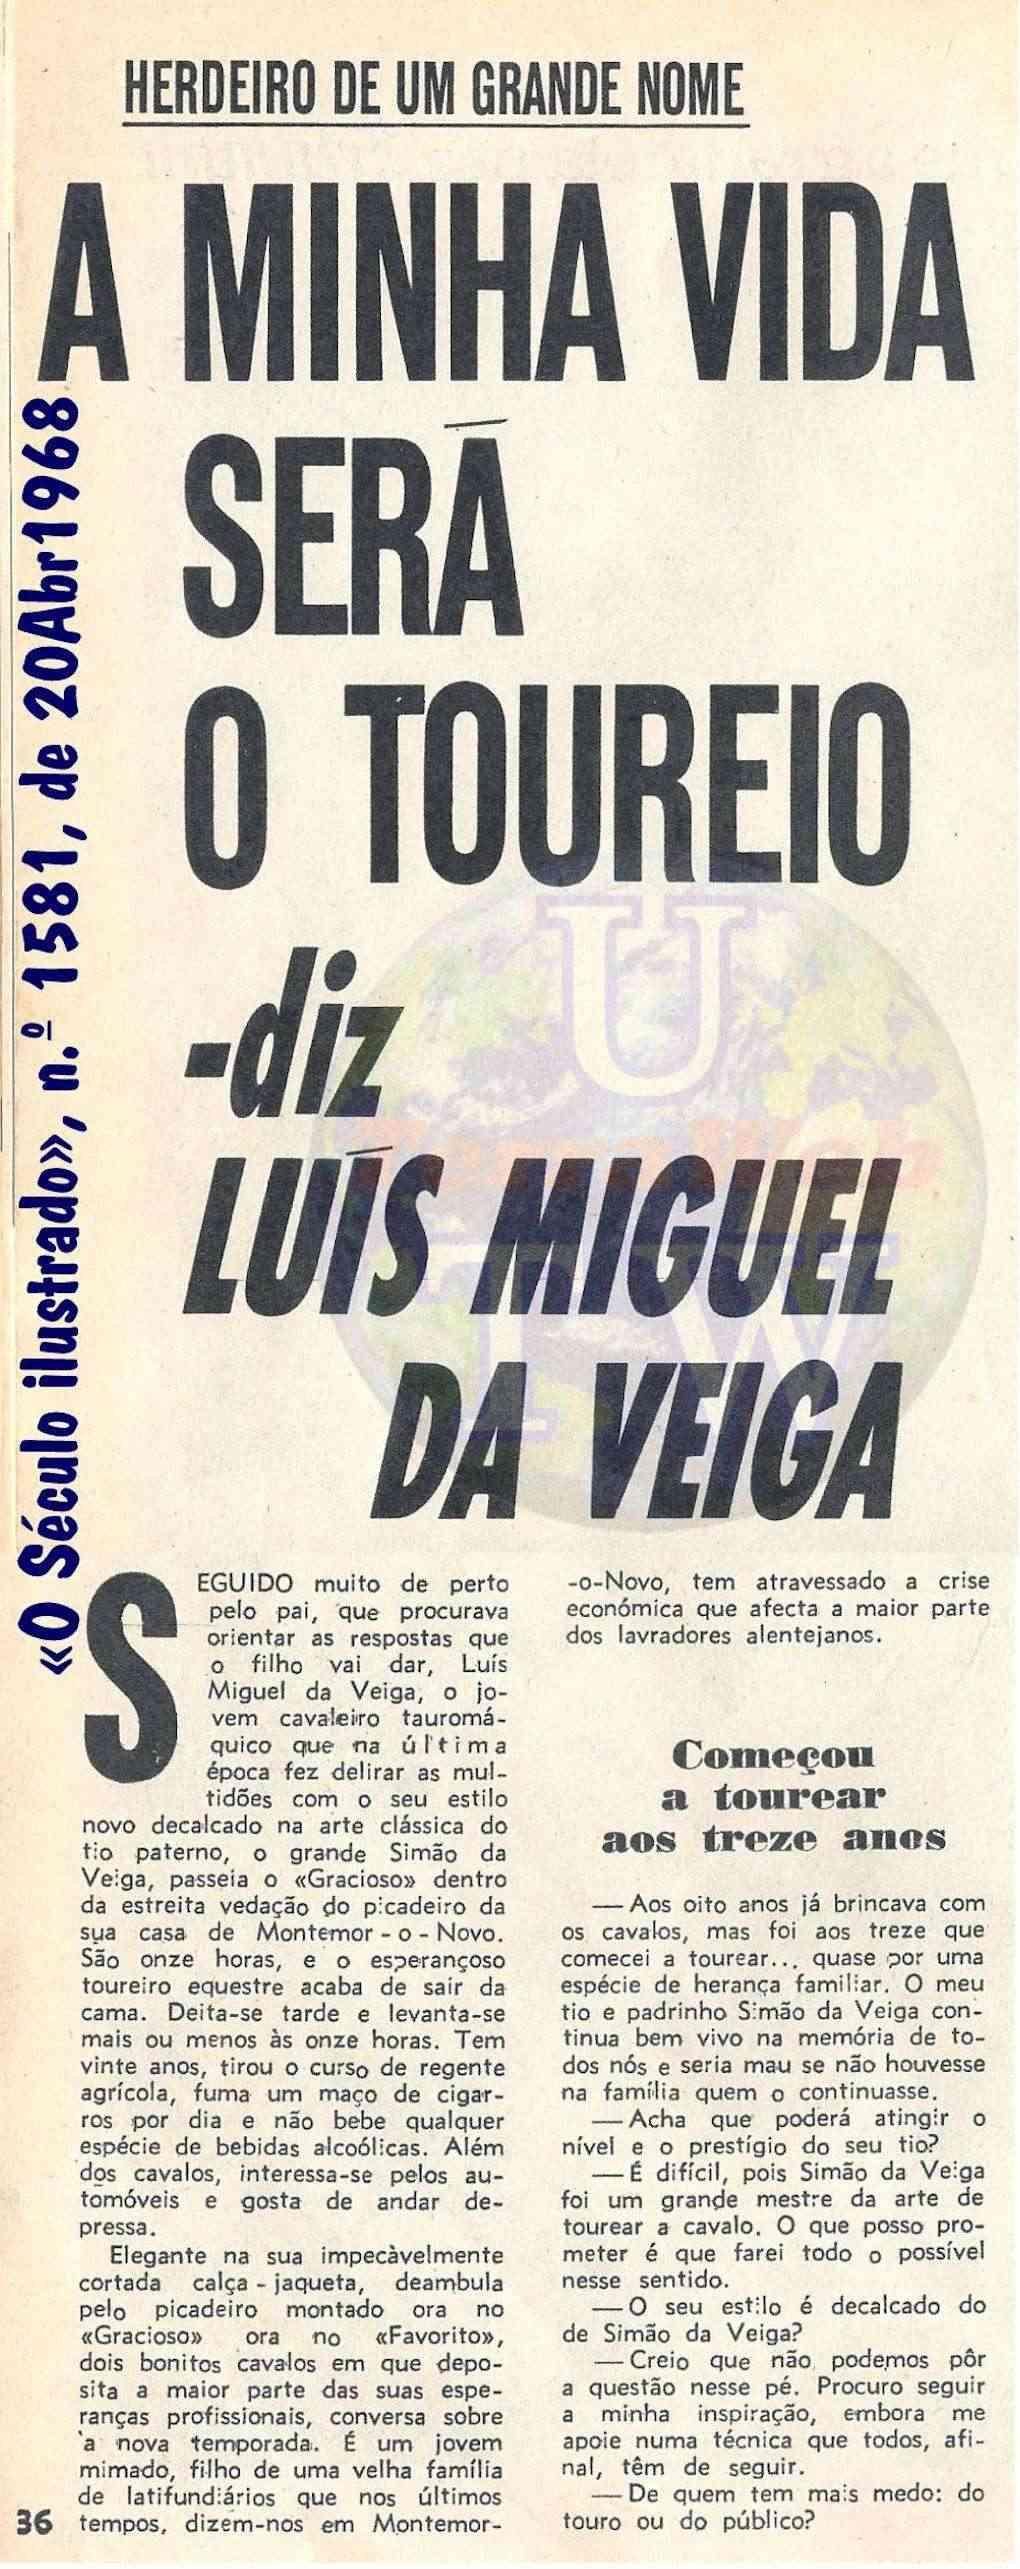 Aspirante Luís Miguel da Veiga - Comandante do 3.º Pelotão do 5.º Esquadrão - EPC - 17Set1970 Luys_m15